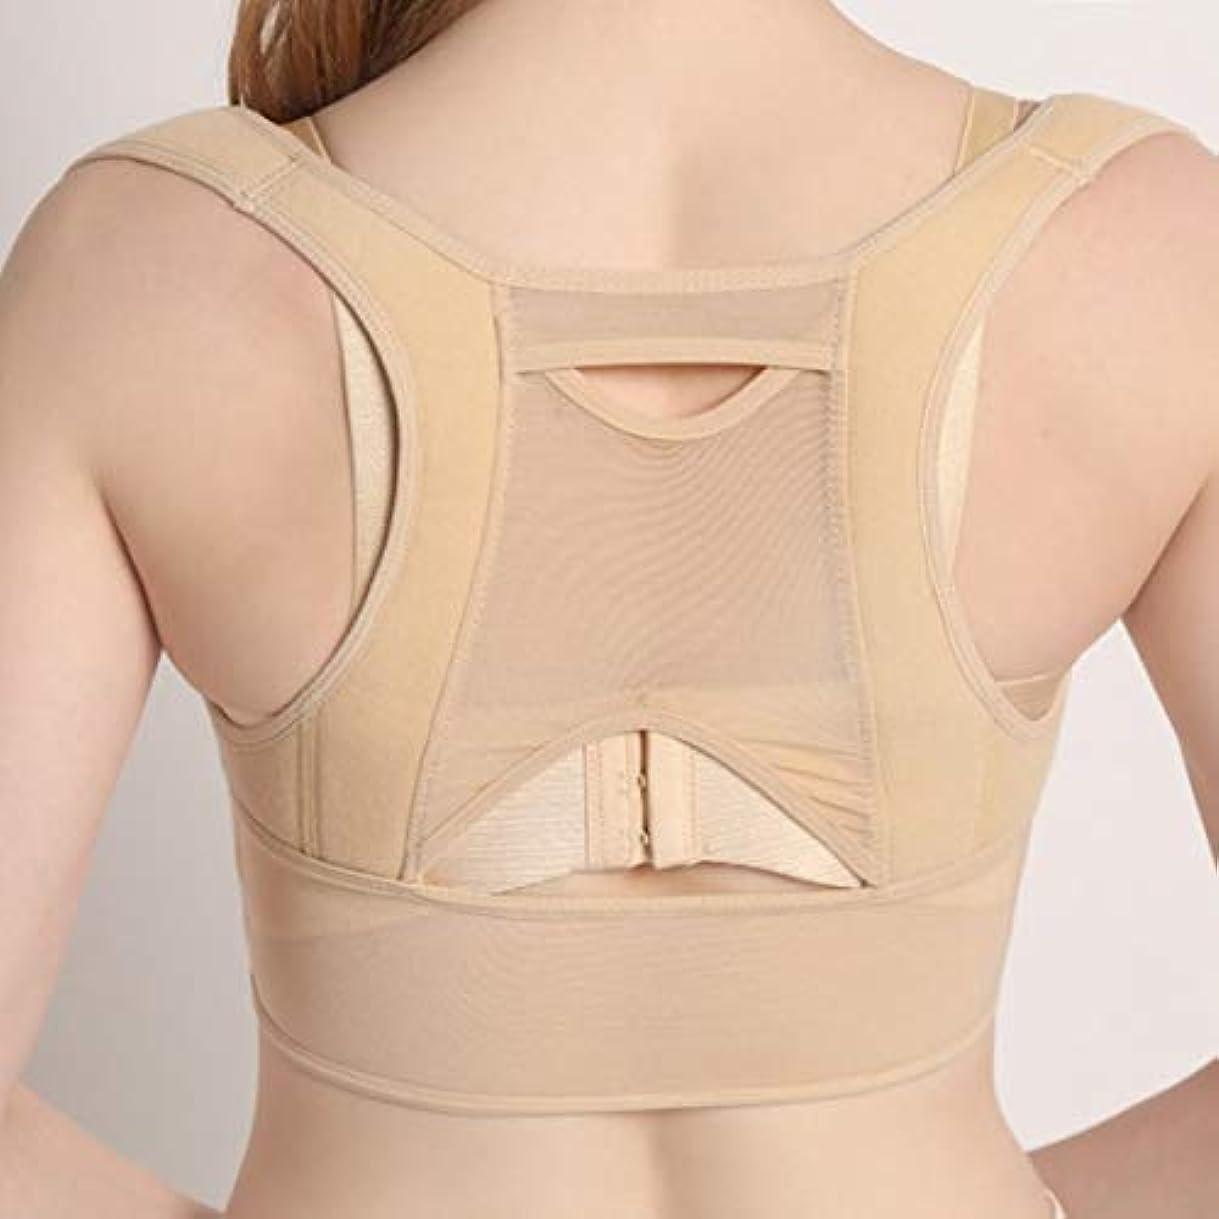 週末ダイエット痴漢通気性のある女性の背中の姿勢矯正コルセット整形外科の背中の肩の背骨の姿勢矯正腰椎サポート - ベージュホワイトL